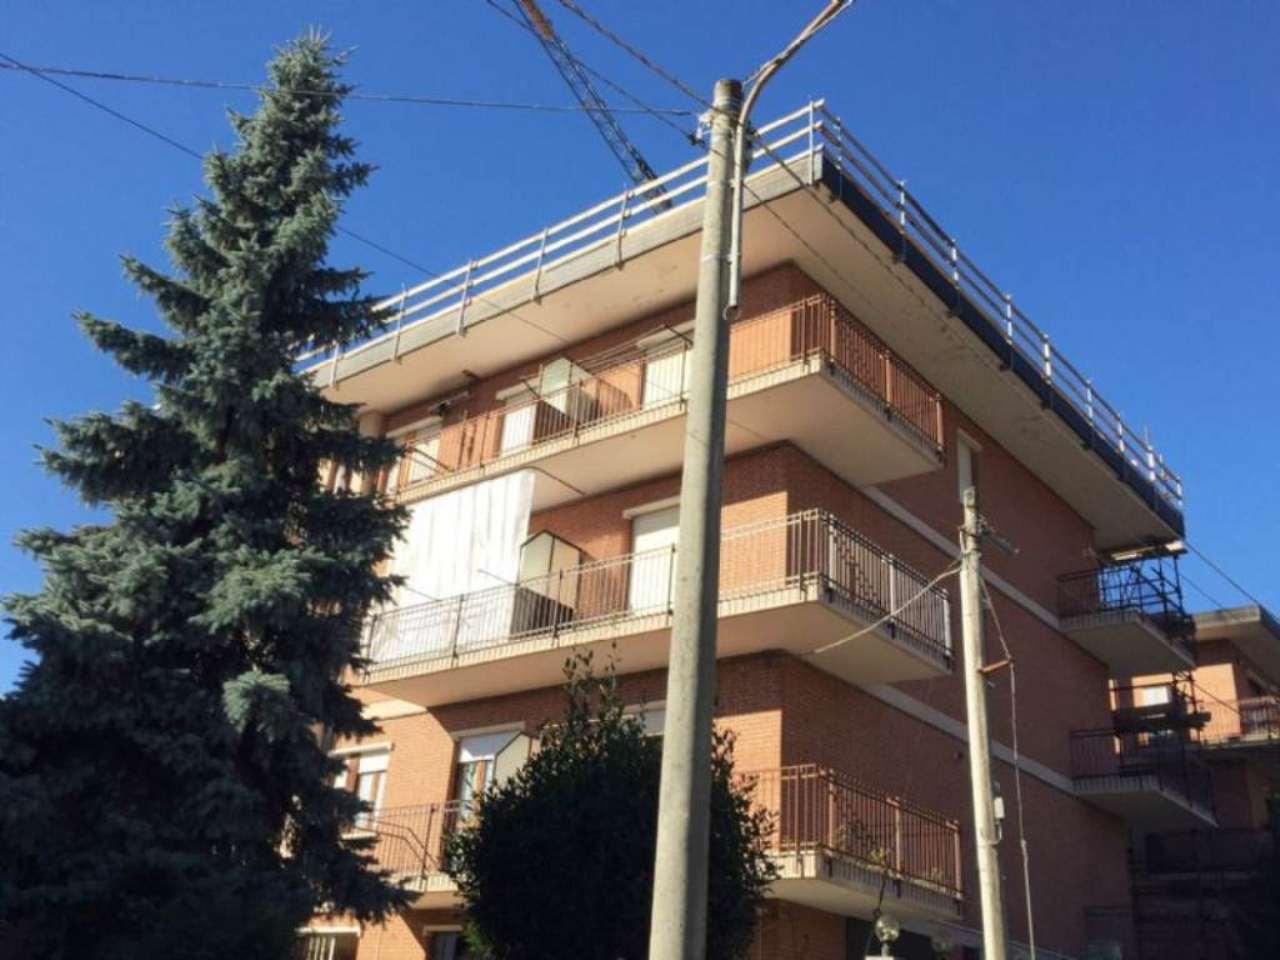 Appartamento in vendita a Corio, 3 locali, prezzo € 79.000 | CambioCasa.it